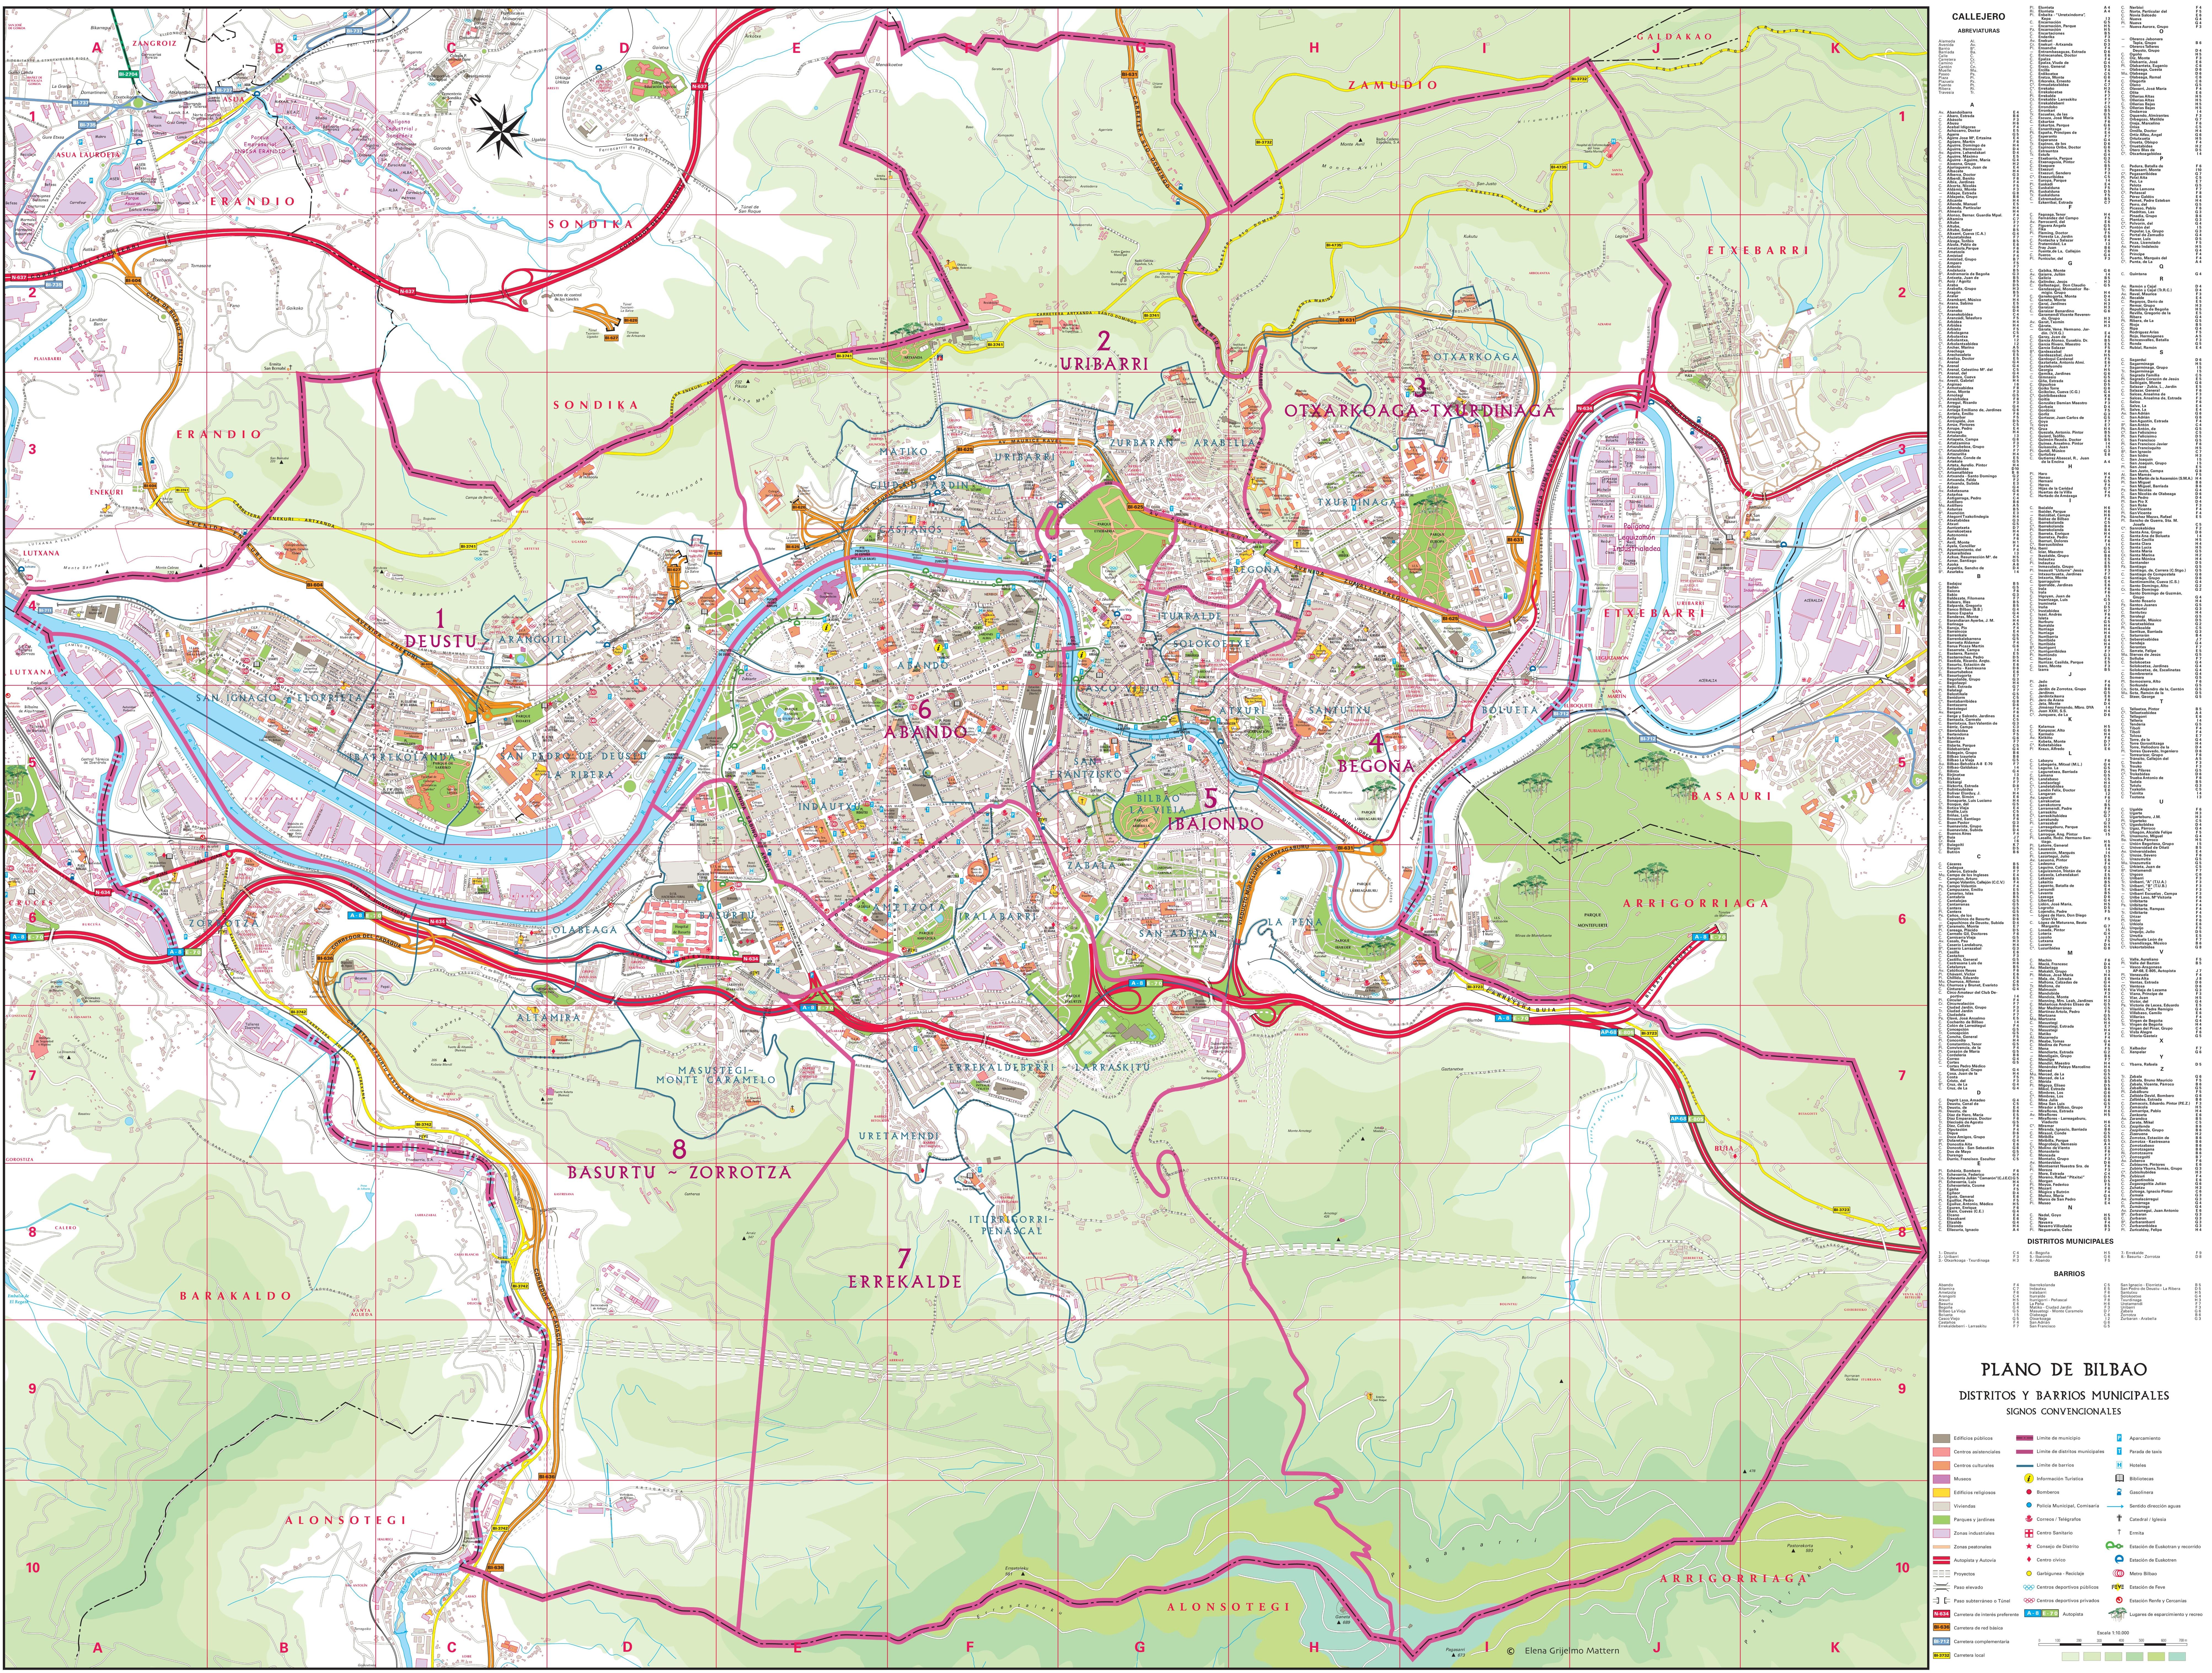 Gran Mapa Turistico Detallado De Bilbao